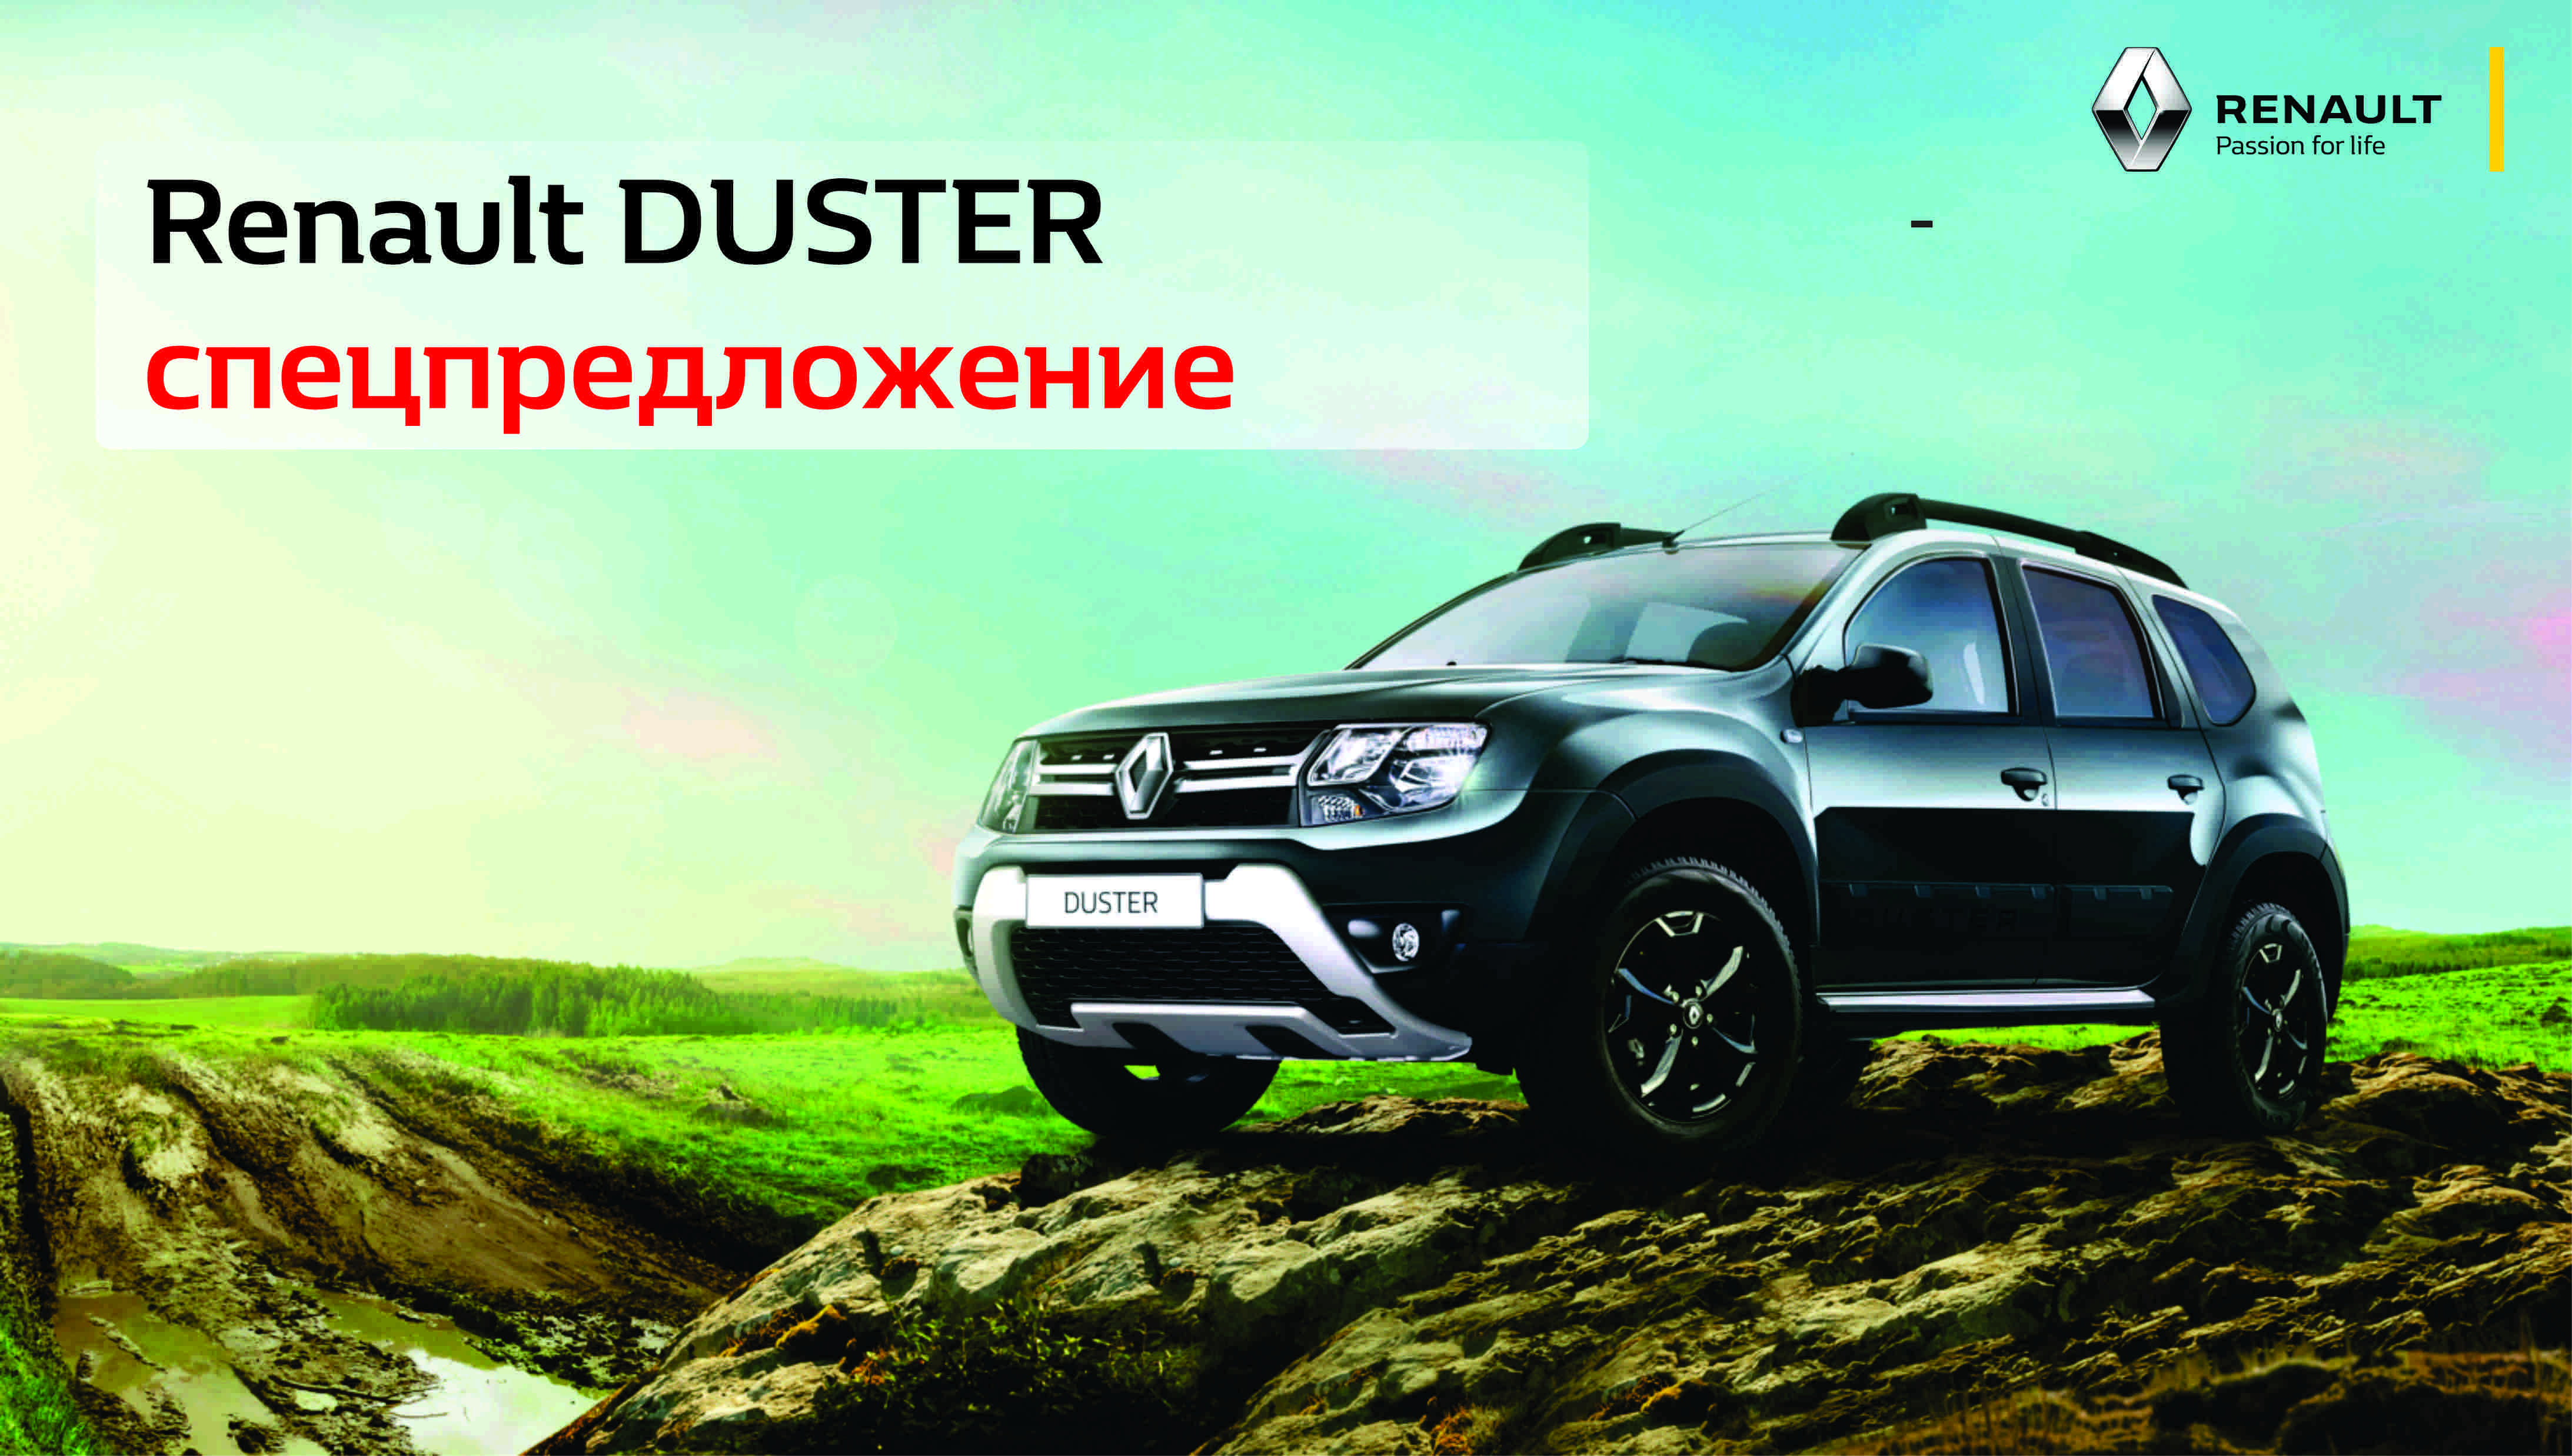 Renault DUSTER с максимальной выгодой